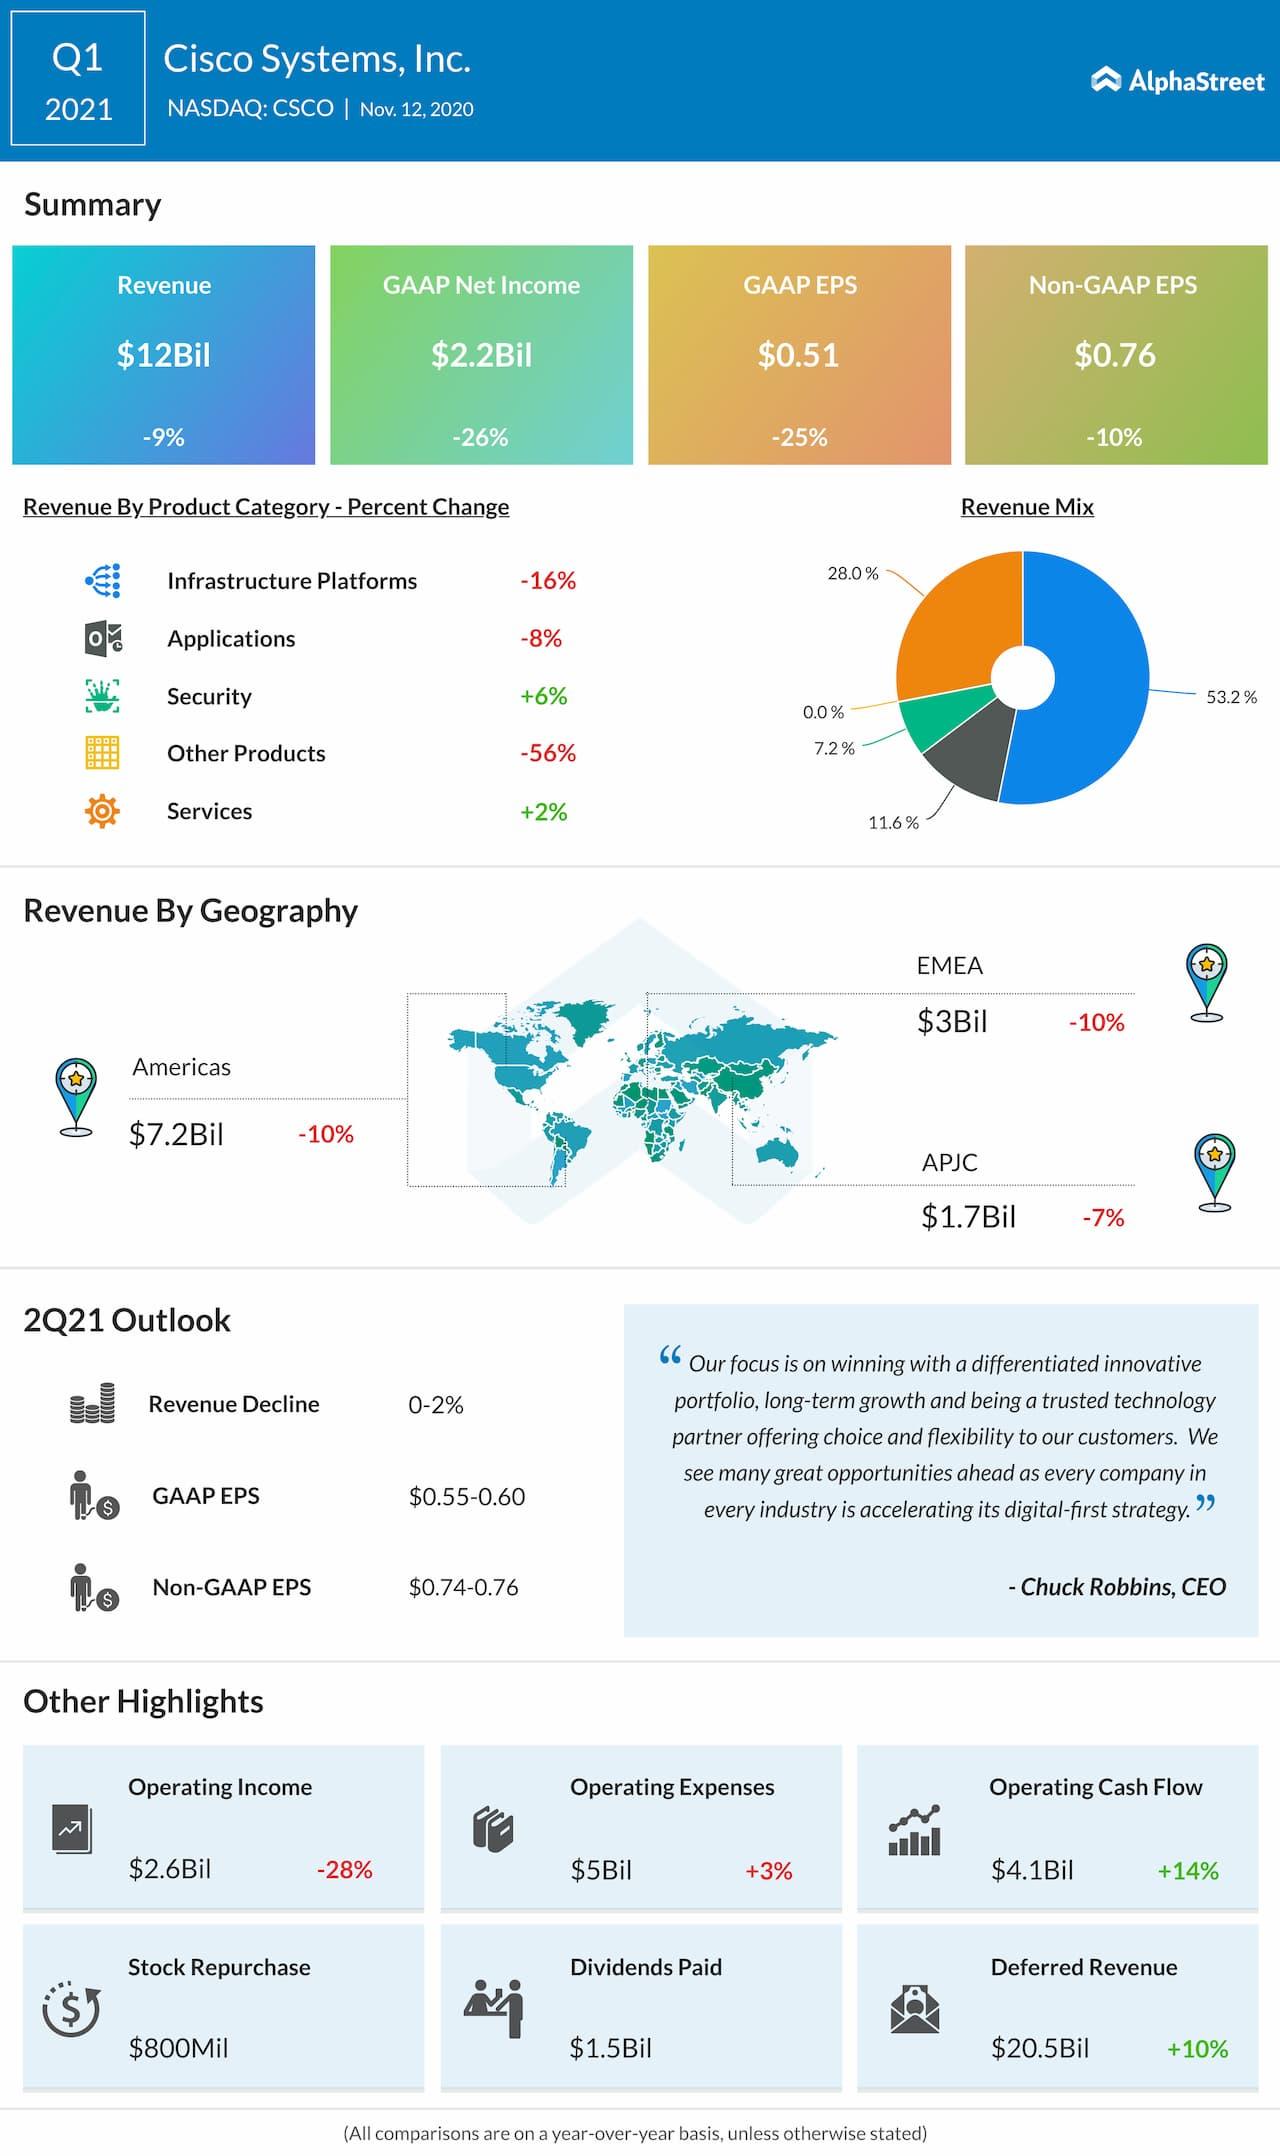 Infografía de ganancias de Cisco Q1 221